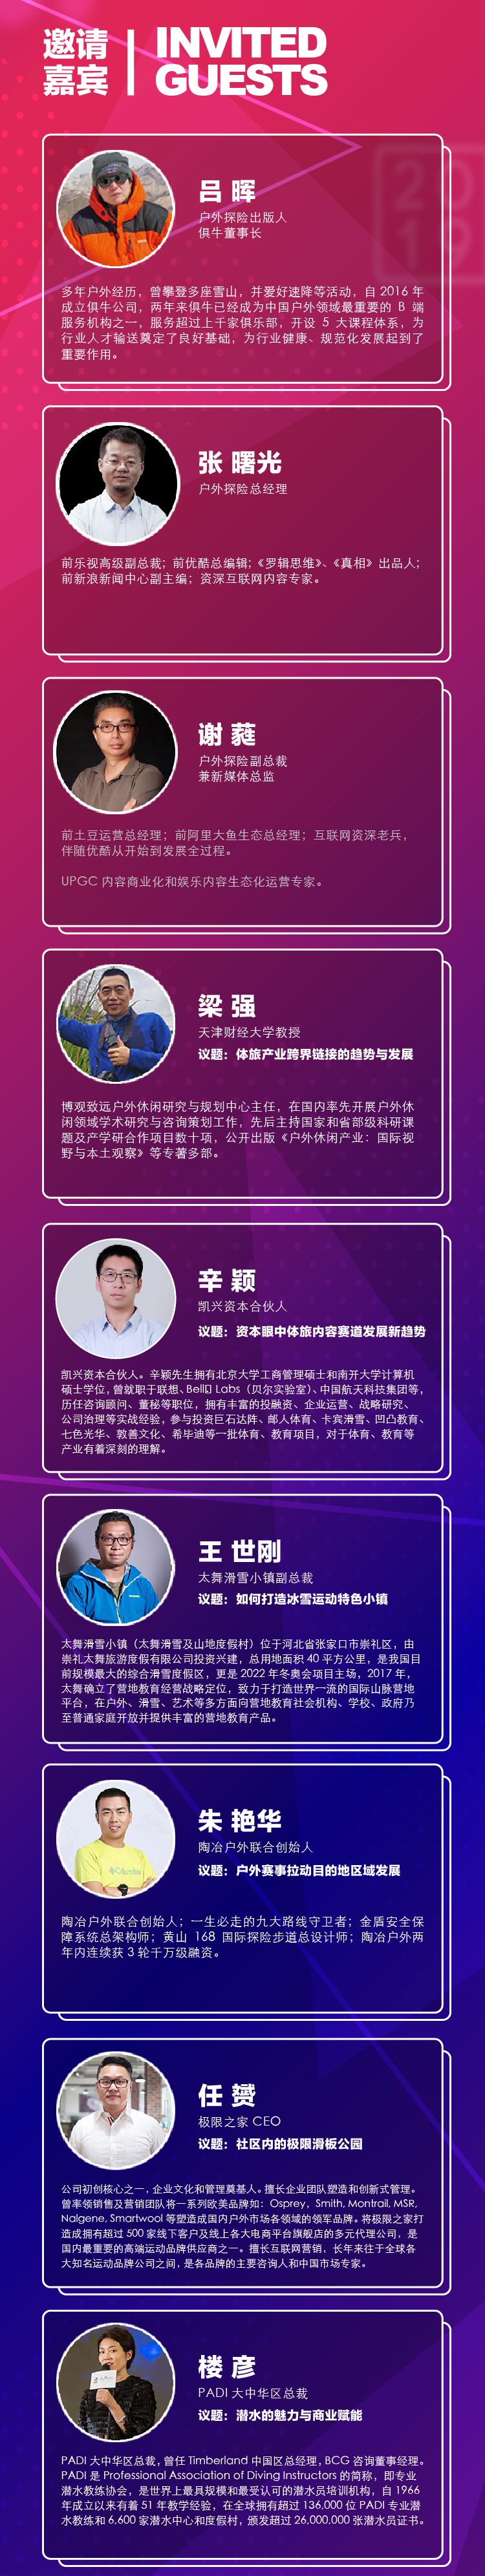 长图海报2.jpg